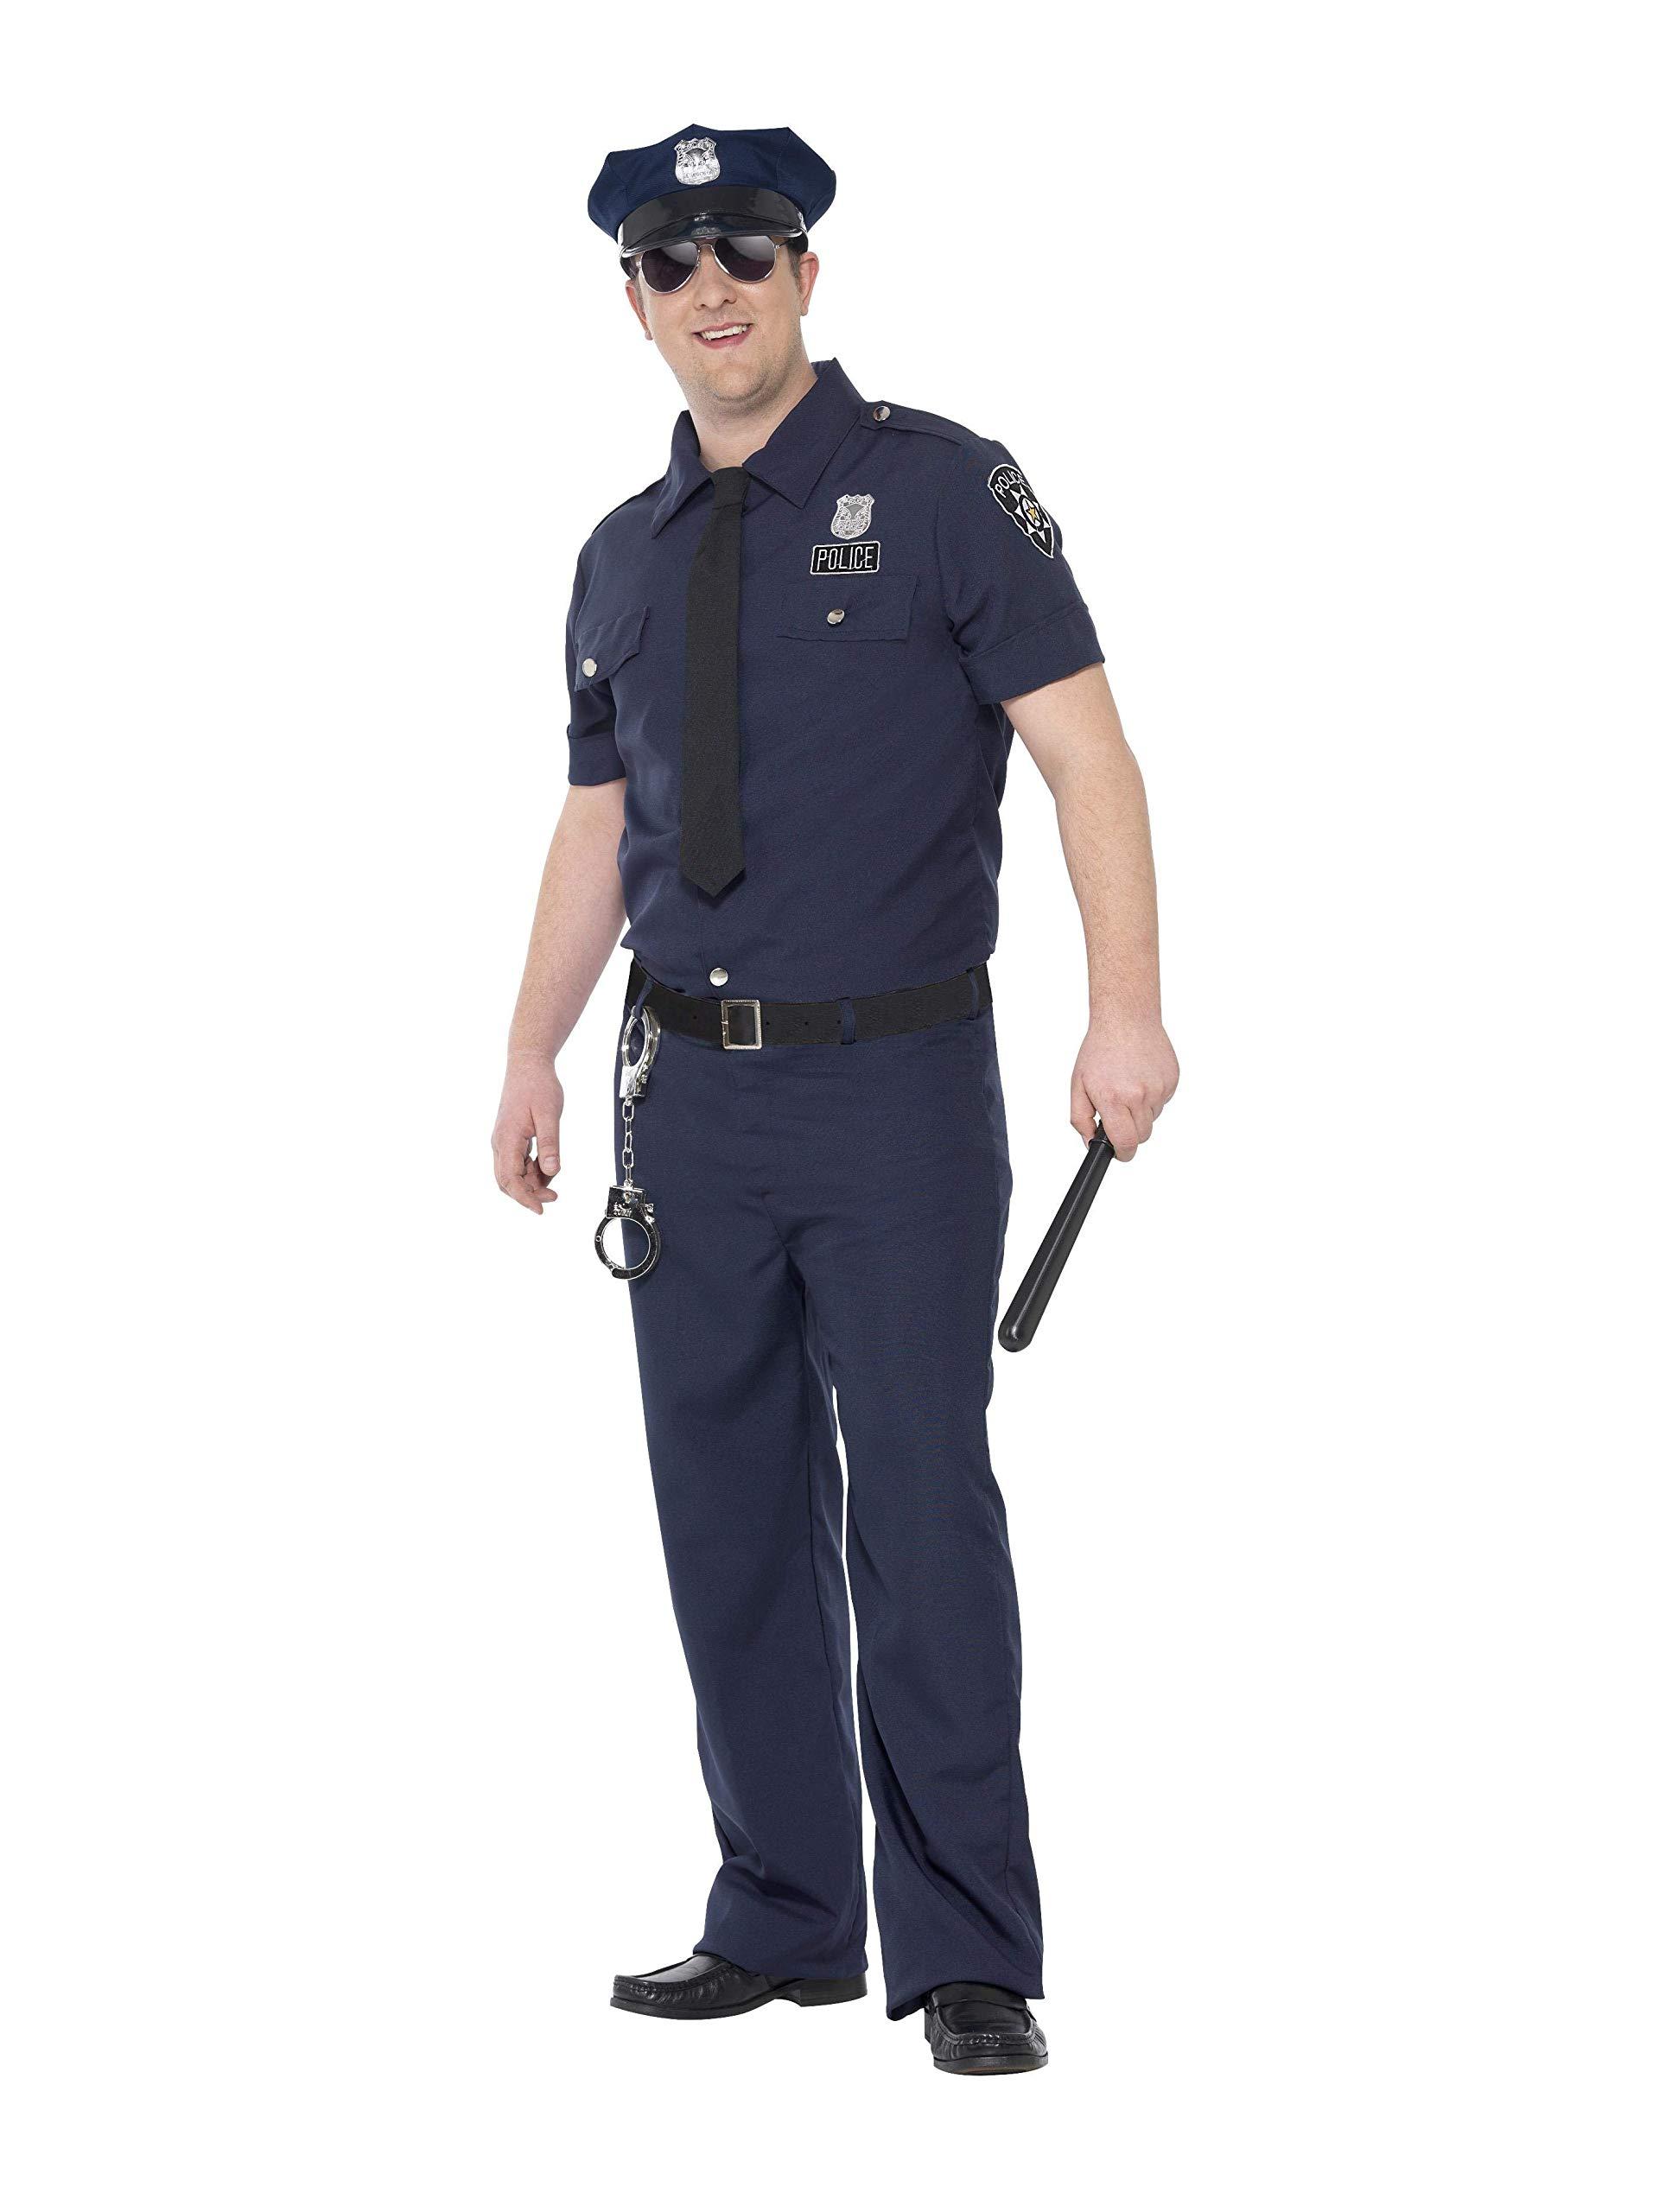 SmiffyS 24341Xl Disfraz De Policía De Nueva York Con Curvas Con Pantalón Camisa, Azul, Xl - Tamaño 46